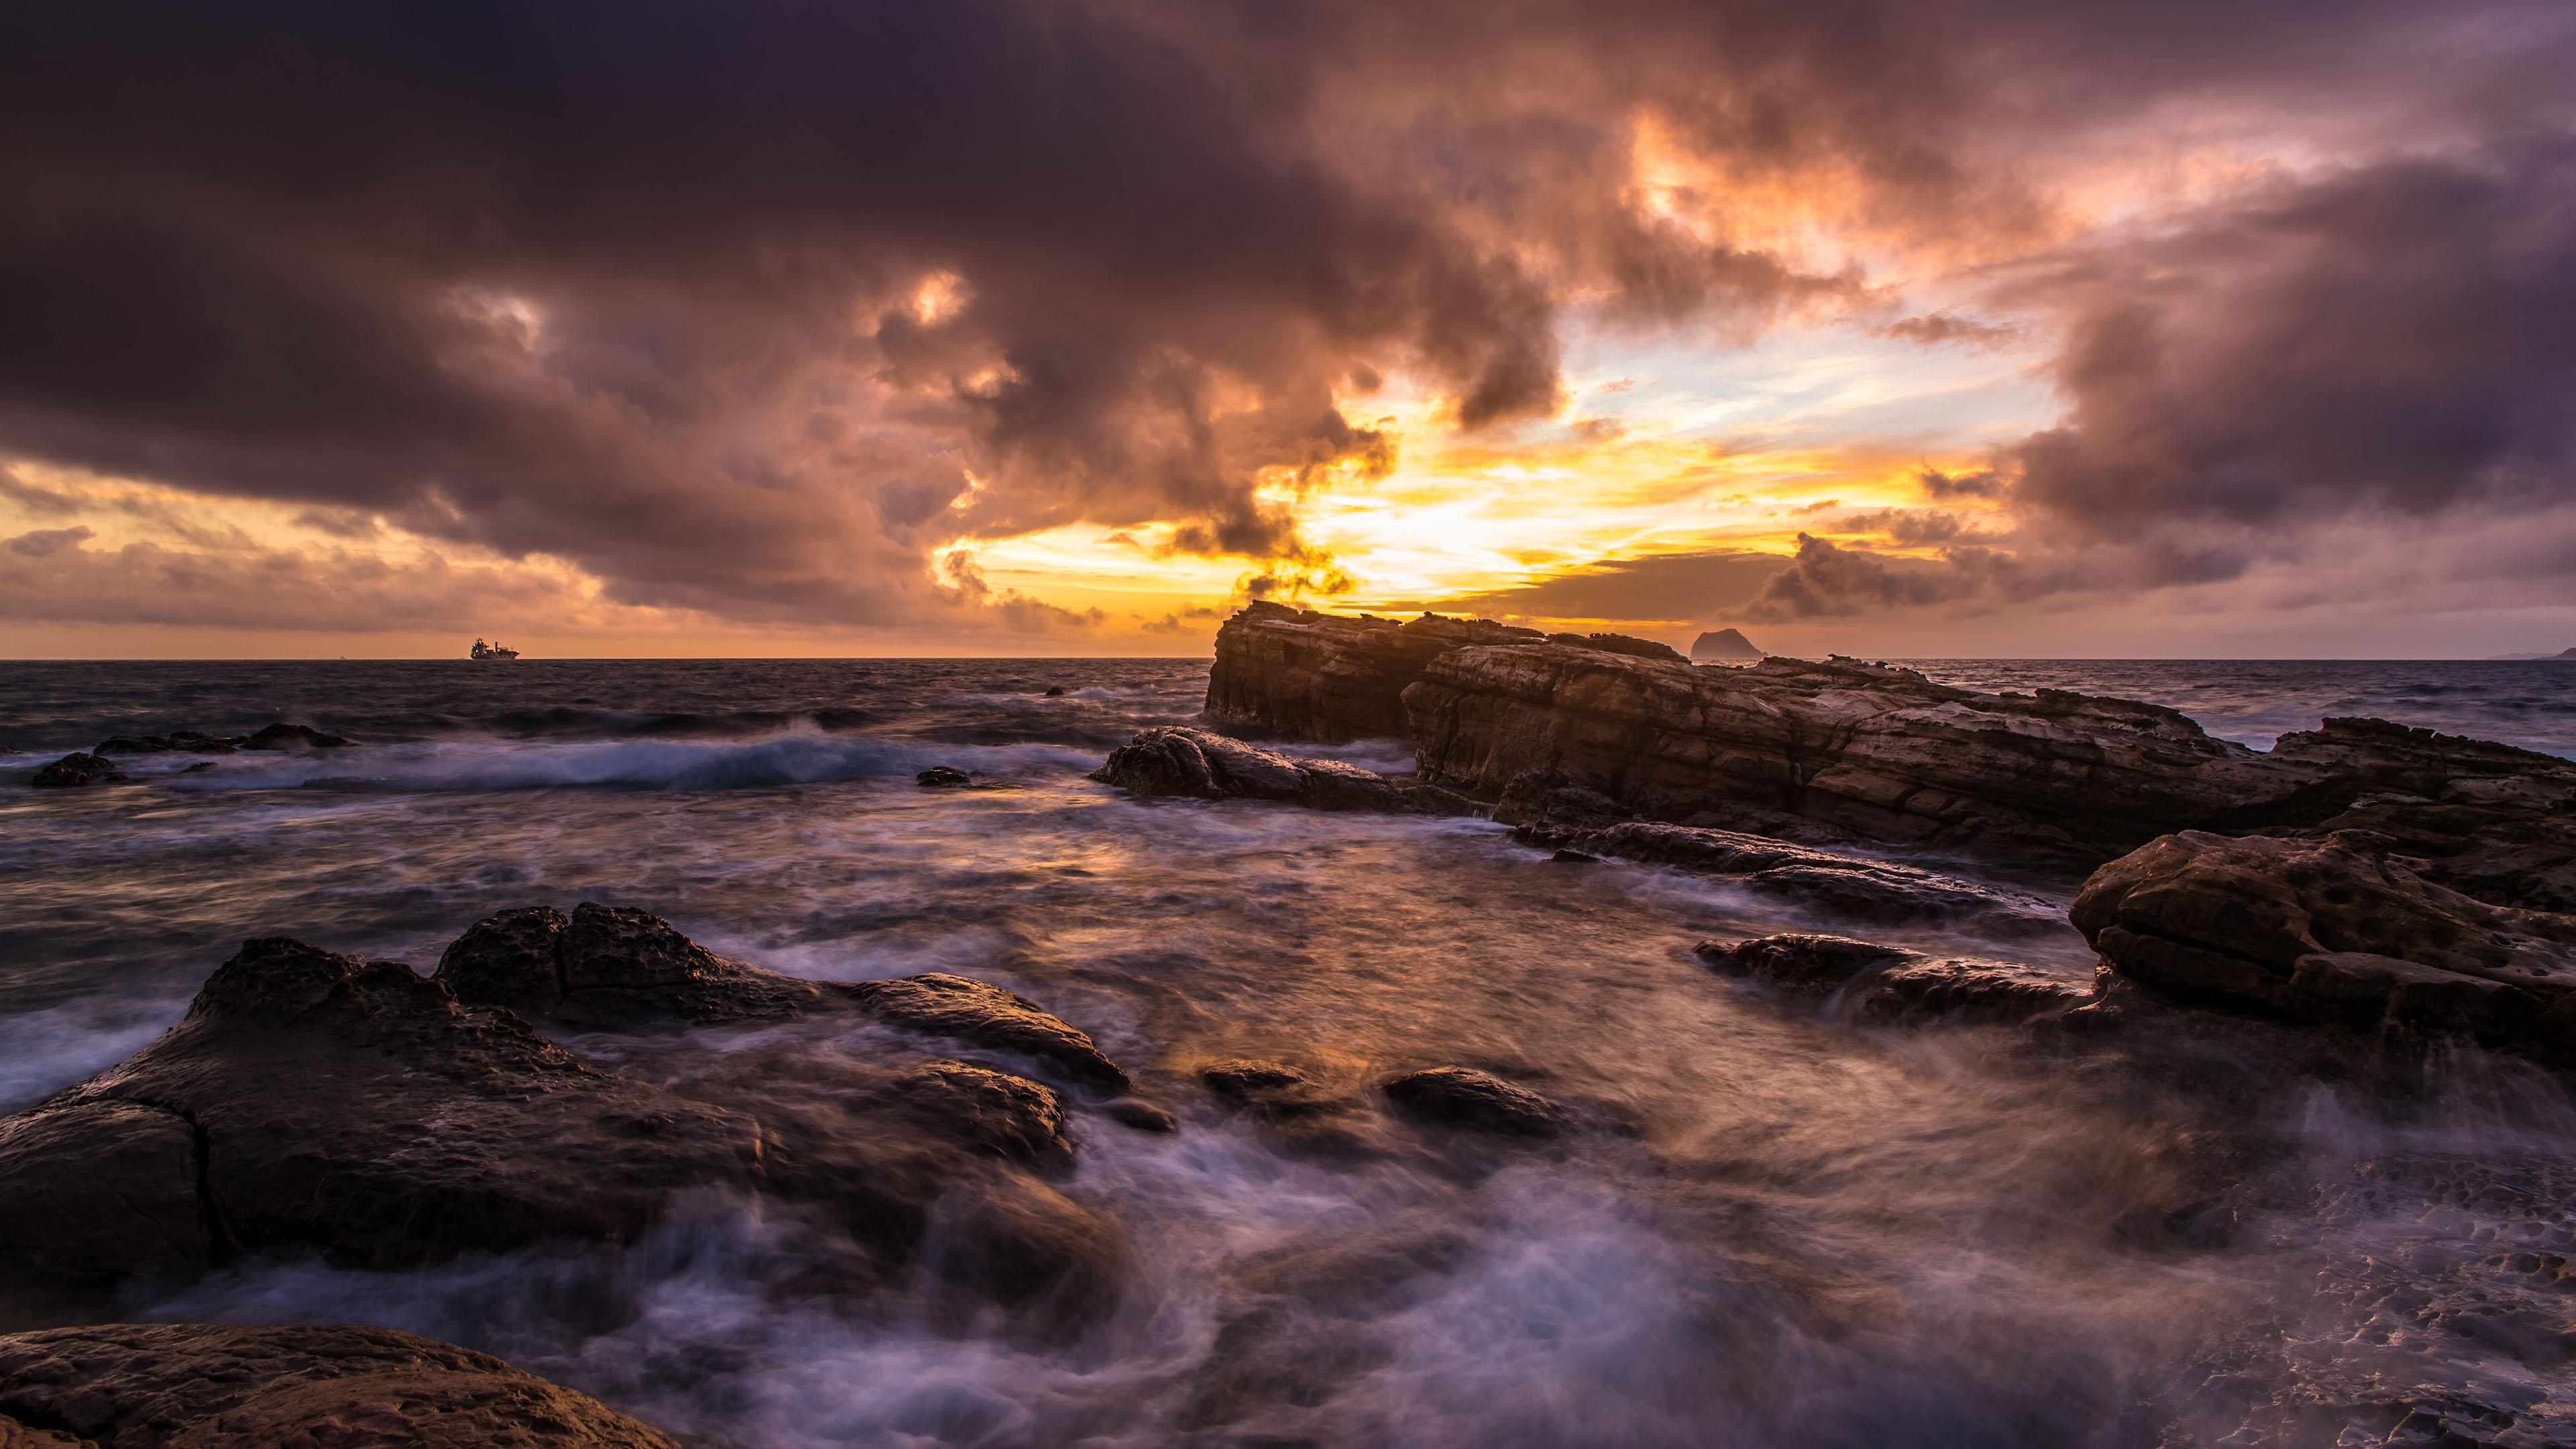 风景大片,海洋天堂,黄昏,礁石,海浪,波涛汹涌